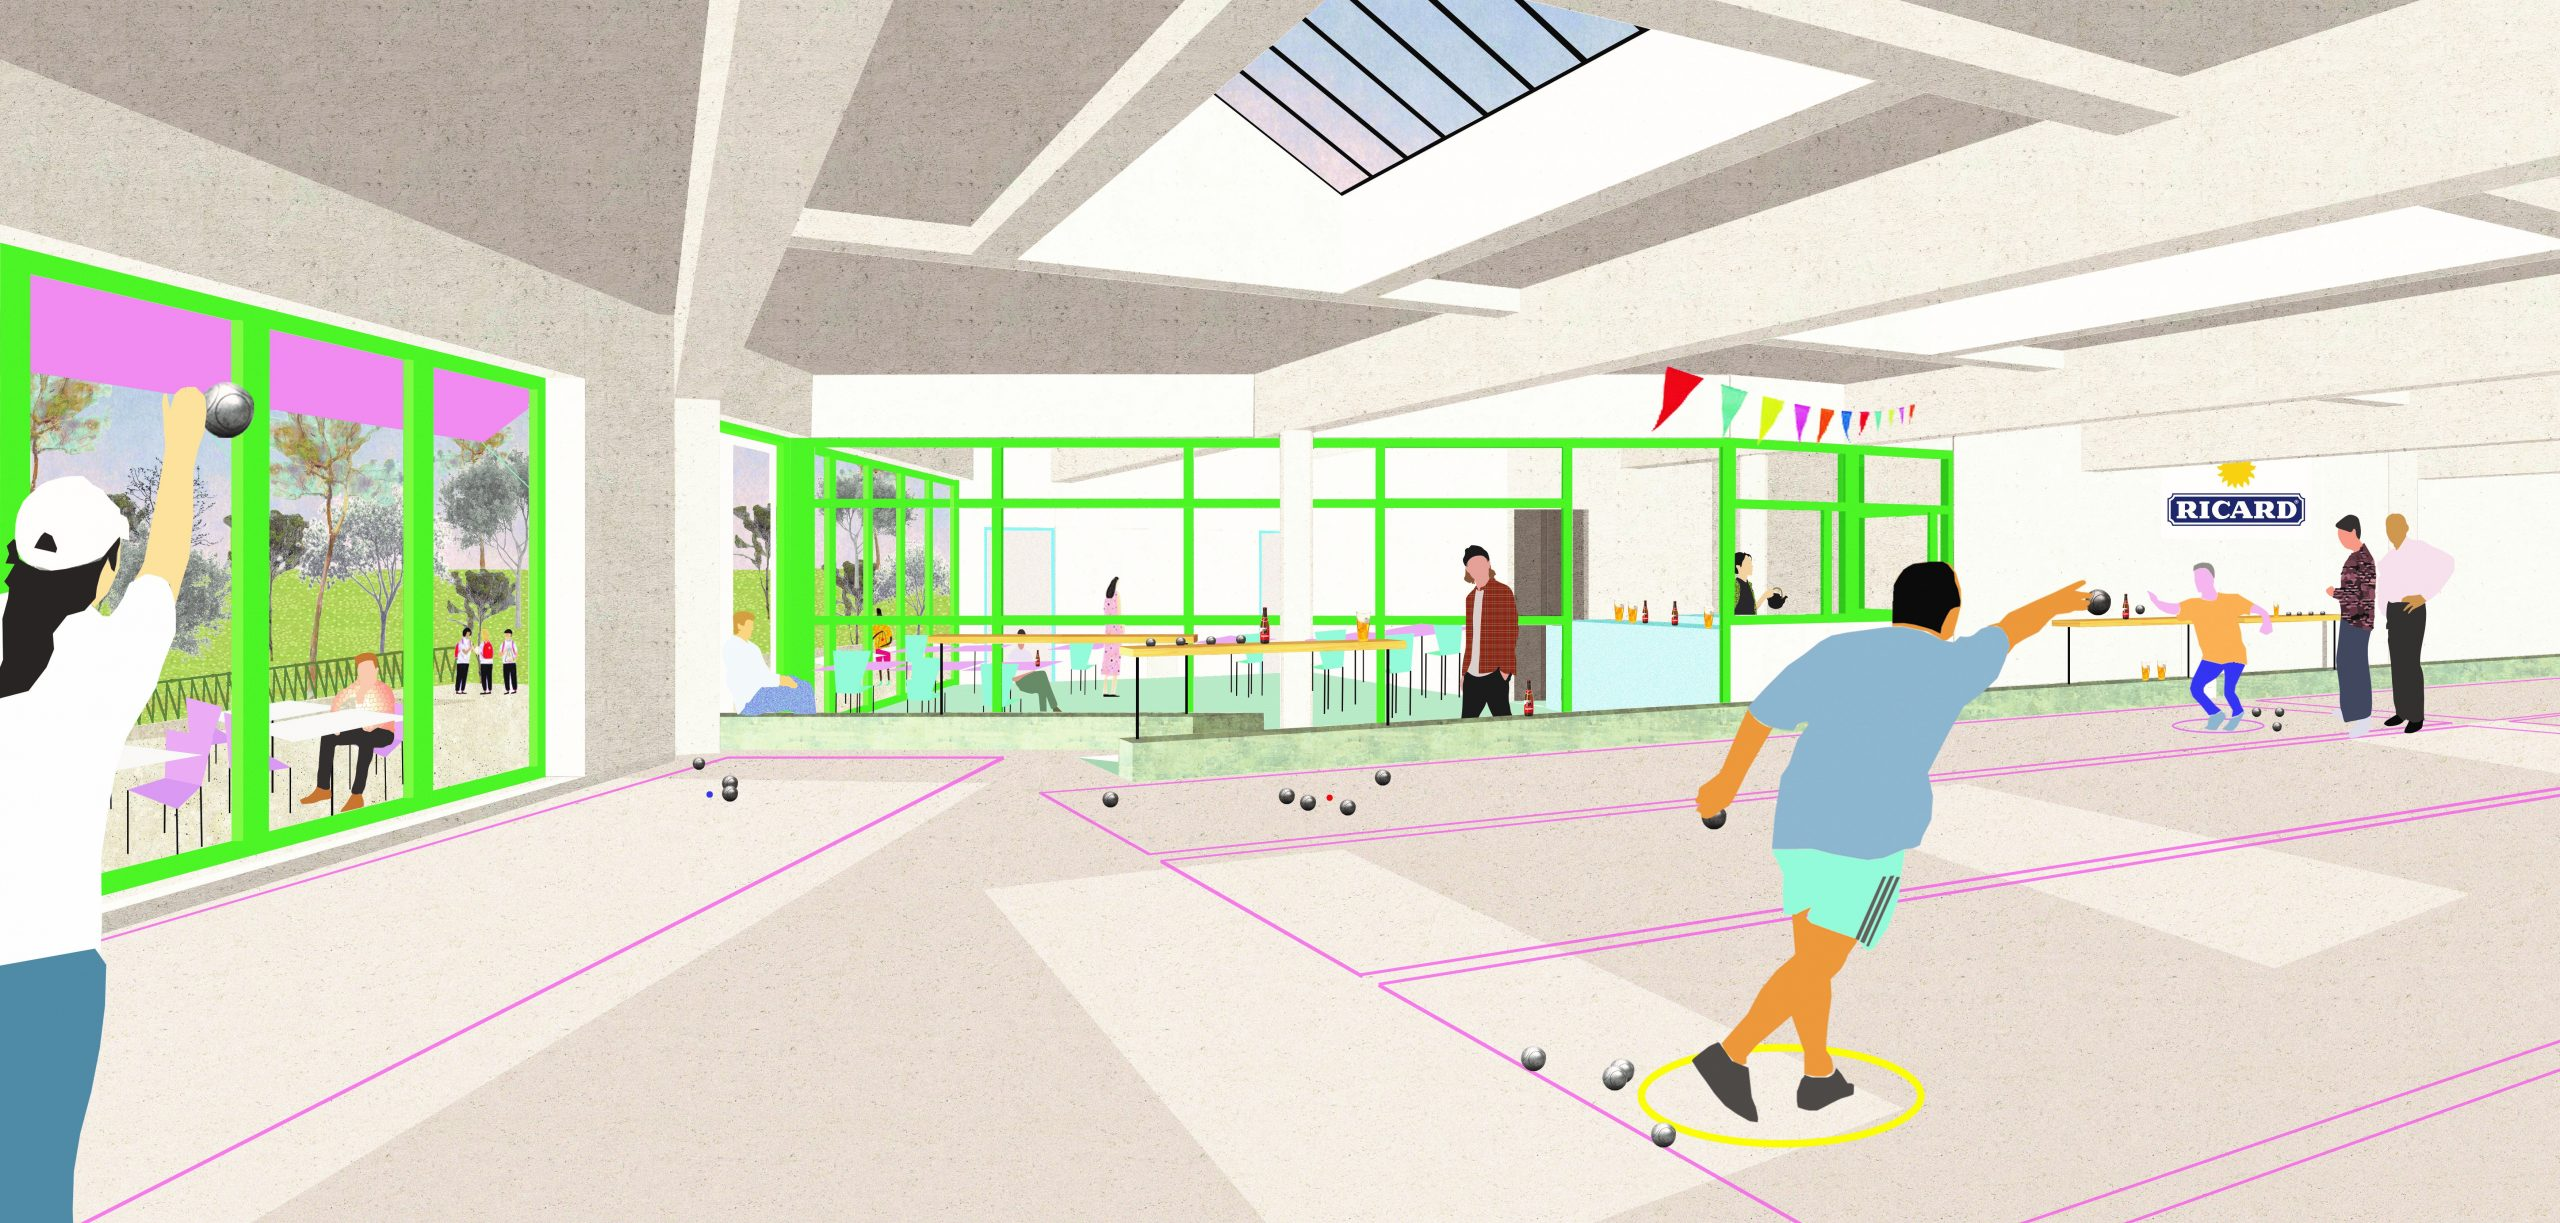 Avant-projet PAULUS_BOULODROME ©LEDROIT-PIERRET-POLET-Architectes-_PIGEON-OCHEJ-Paysage